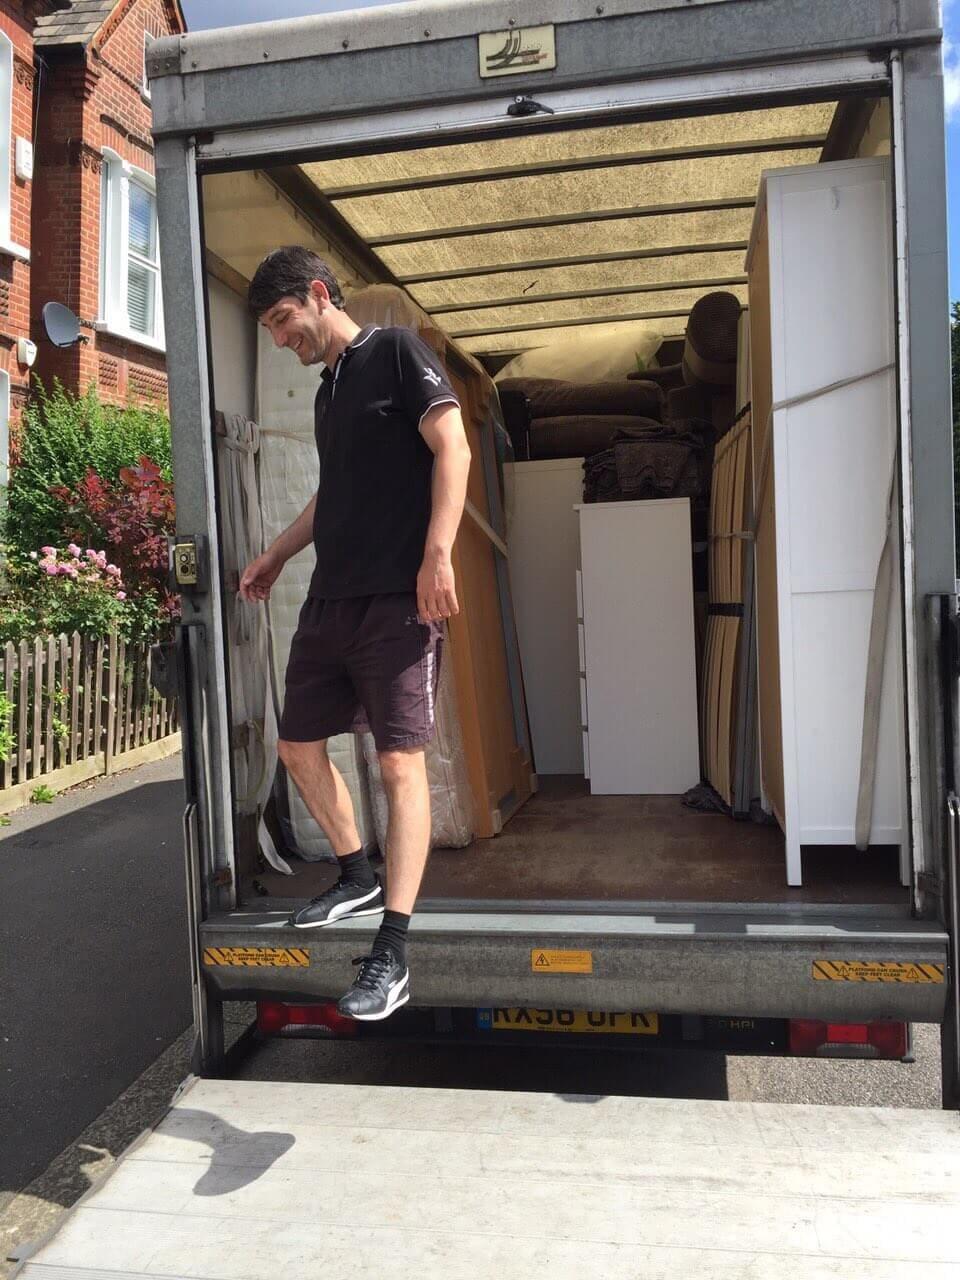 EN2 moving truck